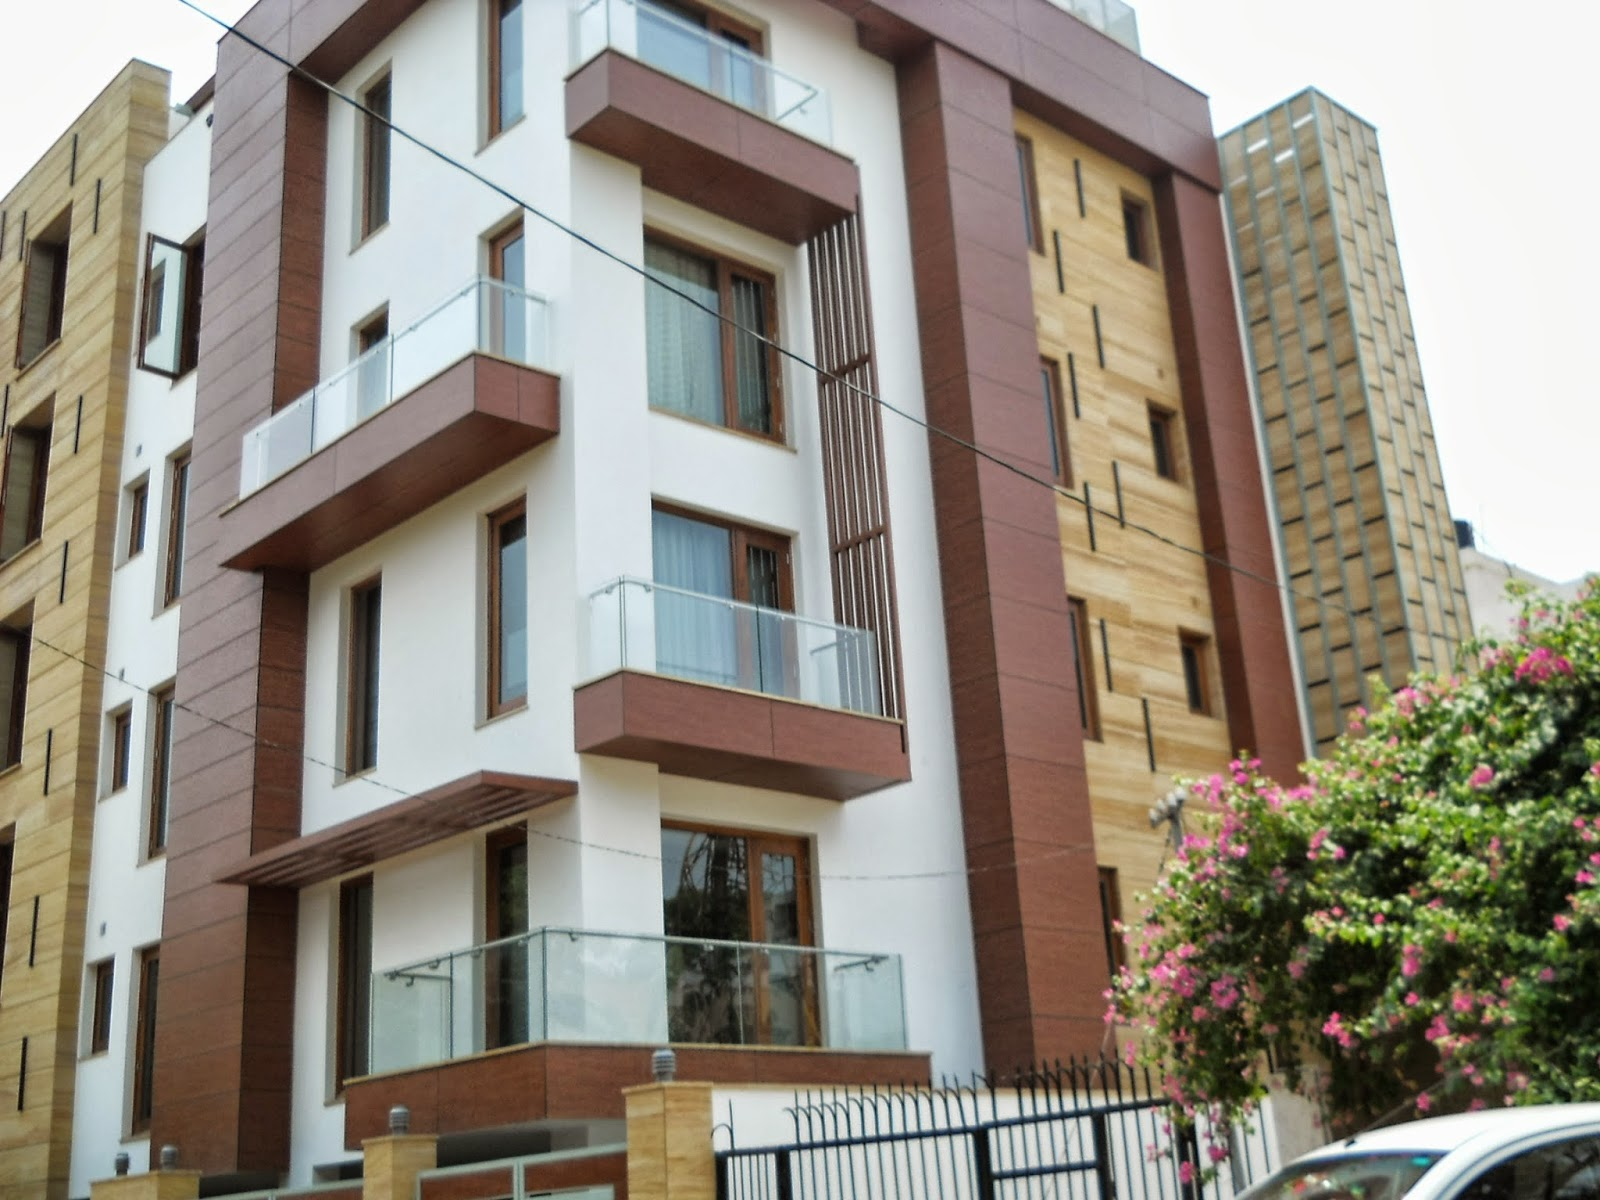 ARK HPL Exterior Cladding : hpl cladding in Delhi, hpl exterior